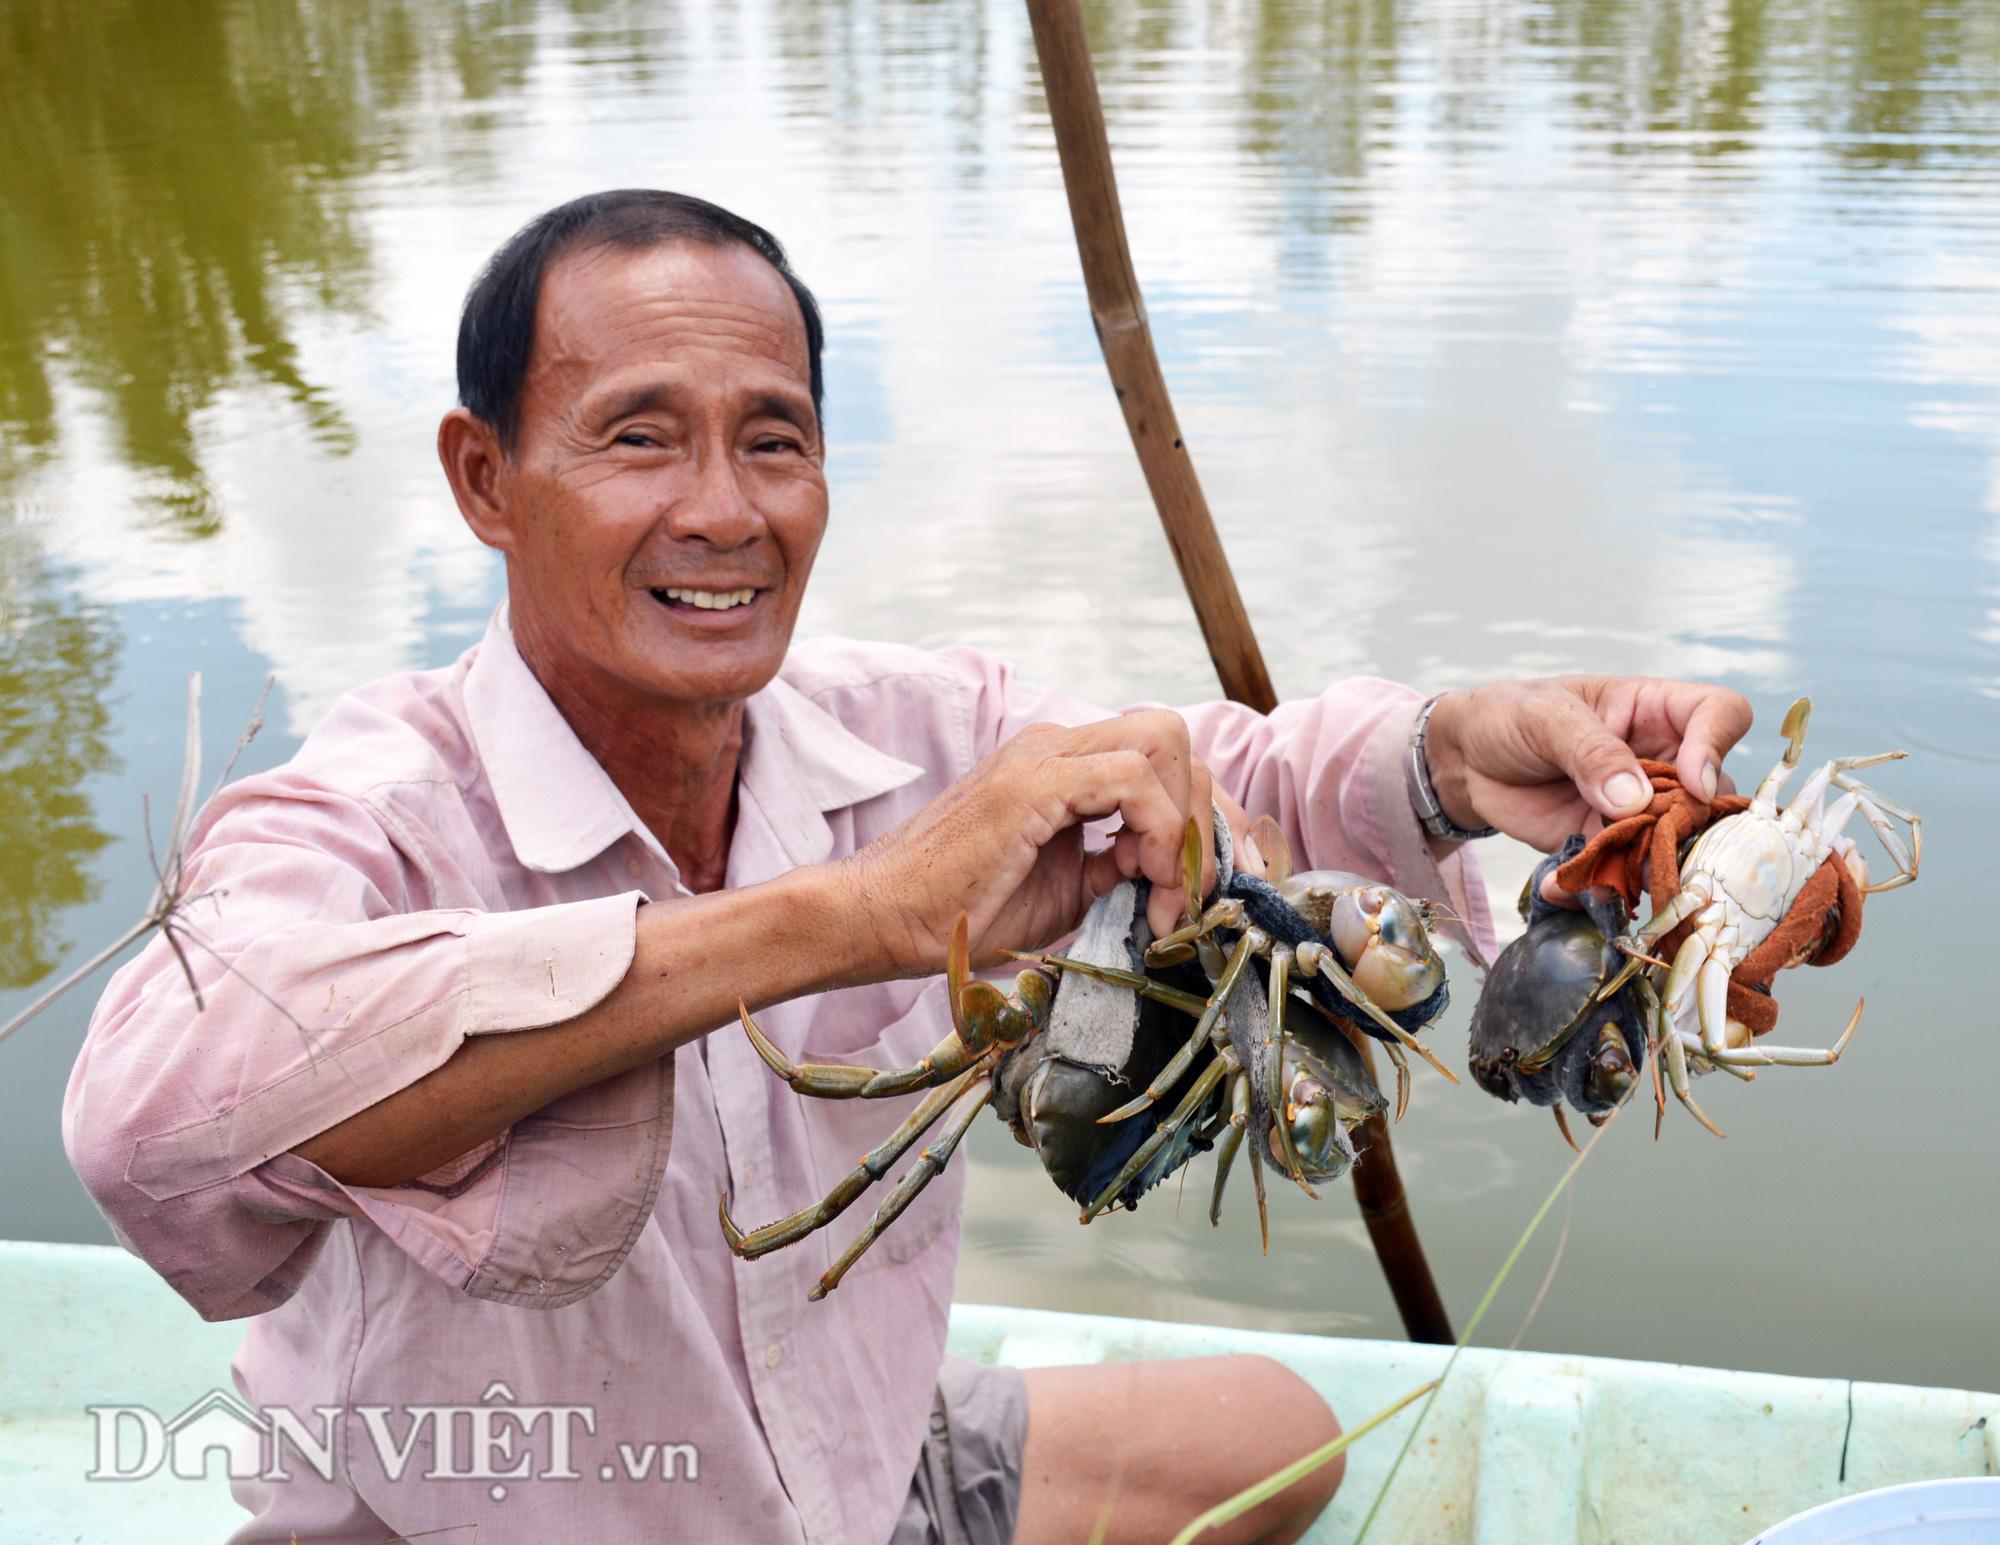 Cà Mau đề xuất hai sản phẩm vào Top đặc sản Việt Nam 2020 - Ảnh 1.